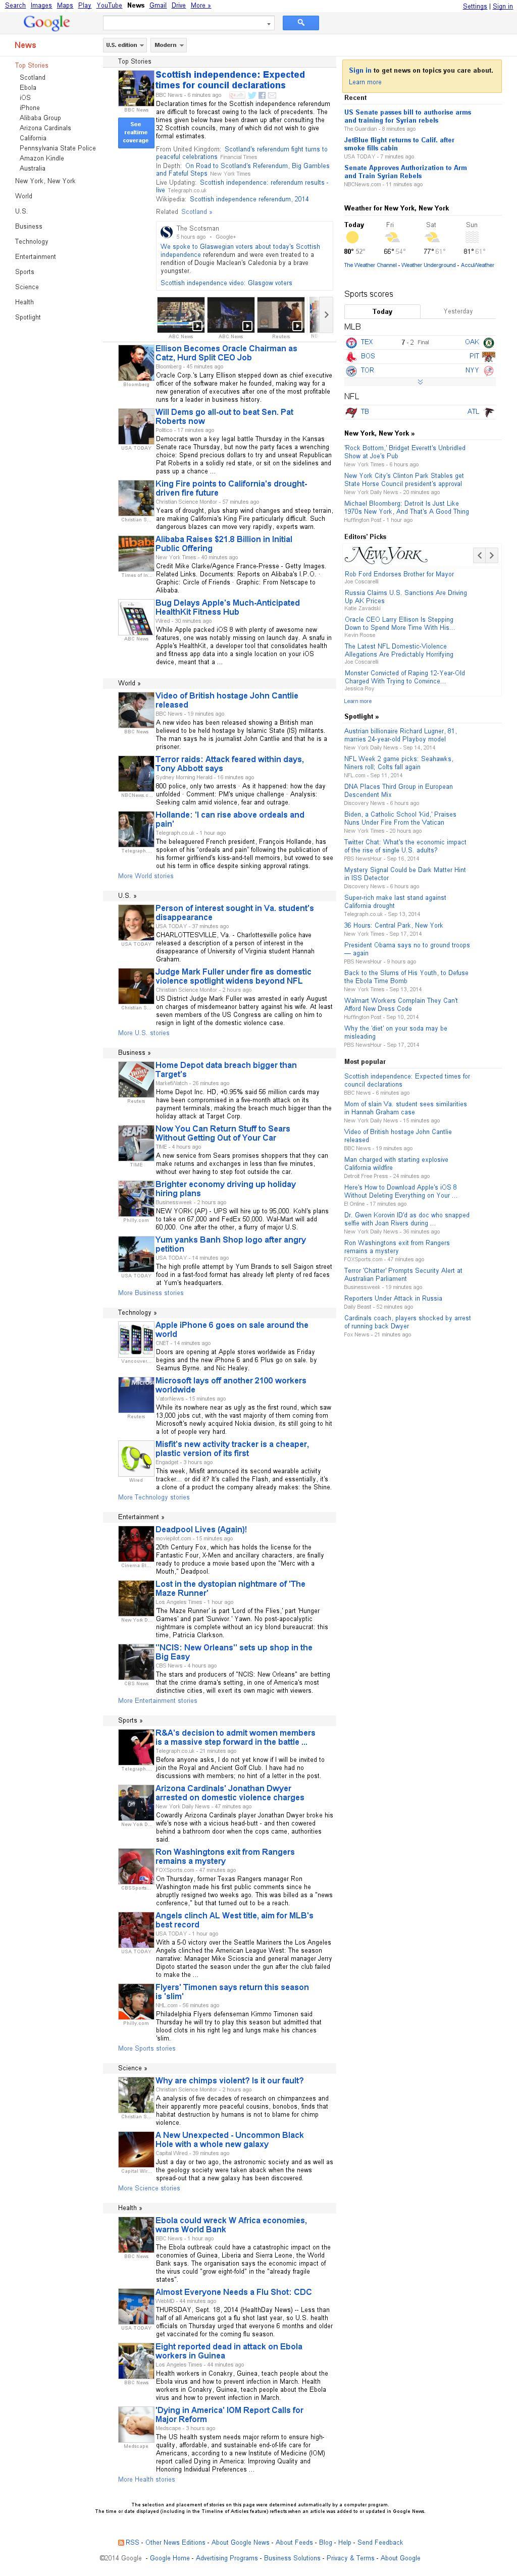 Google News at Thursday Sept. 18, 2014, 11:07 p.m. UTC